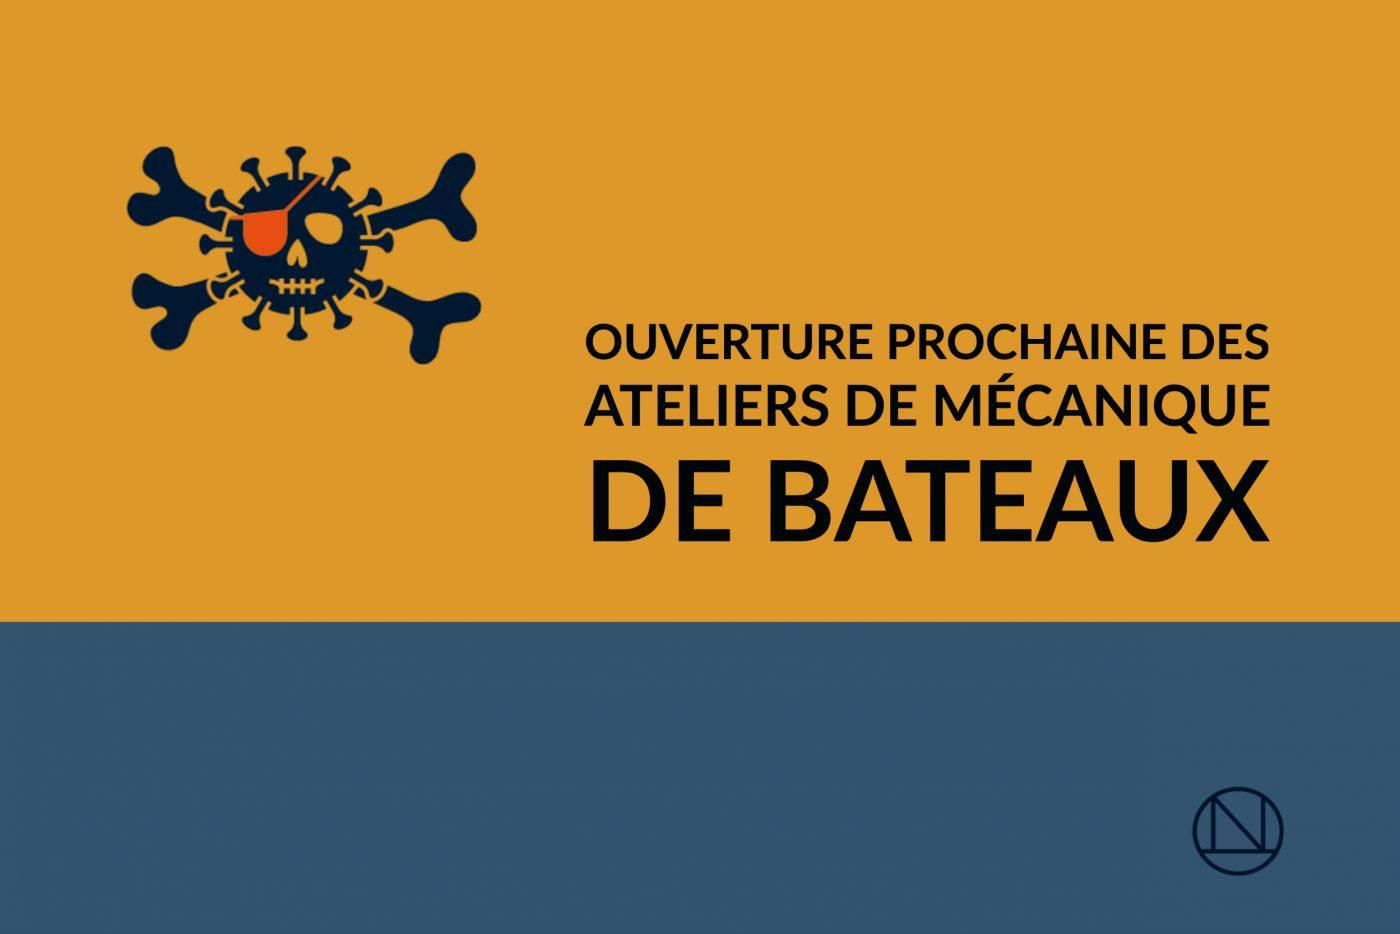 COVID-19 :<br>Ouverture prochaine des ateliers de mécanique de bateaux